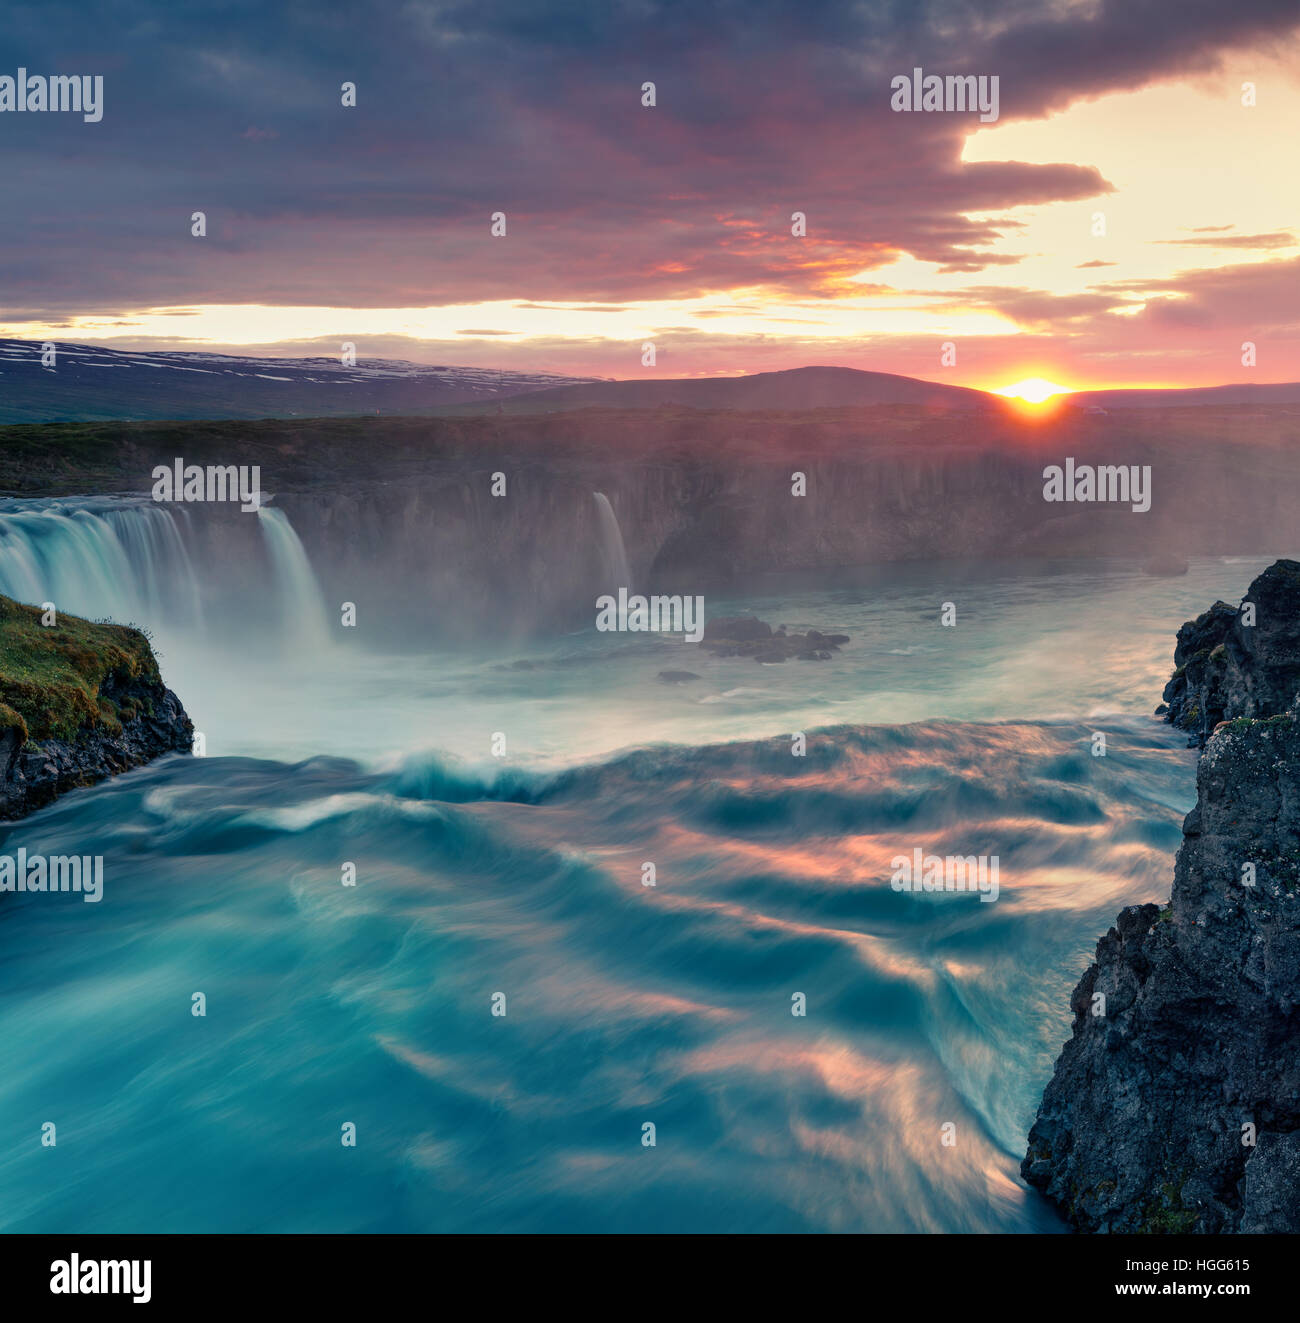 Mañana de Verano escena en la cascada Godafoss. Colorido atardecer sobre el río Skjalfandafljot, Islandia, Imagen De Stock